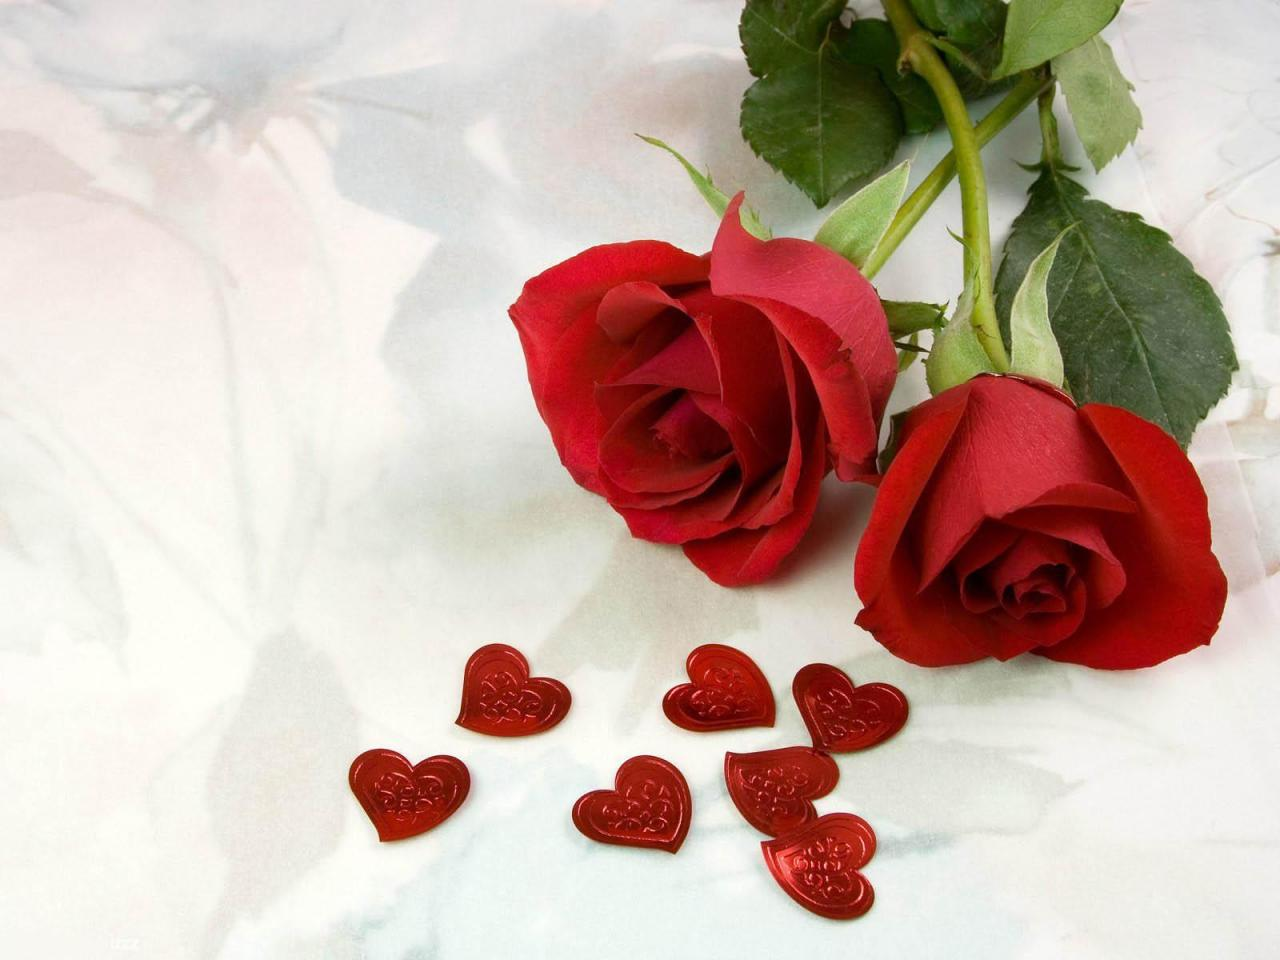 صورة اجمل صور ورود الحب , اجمل لغه هى الورود المذهله